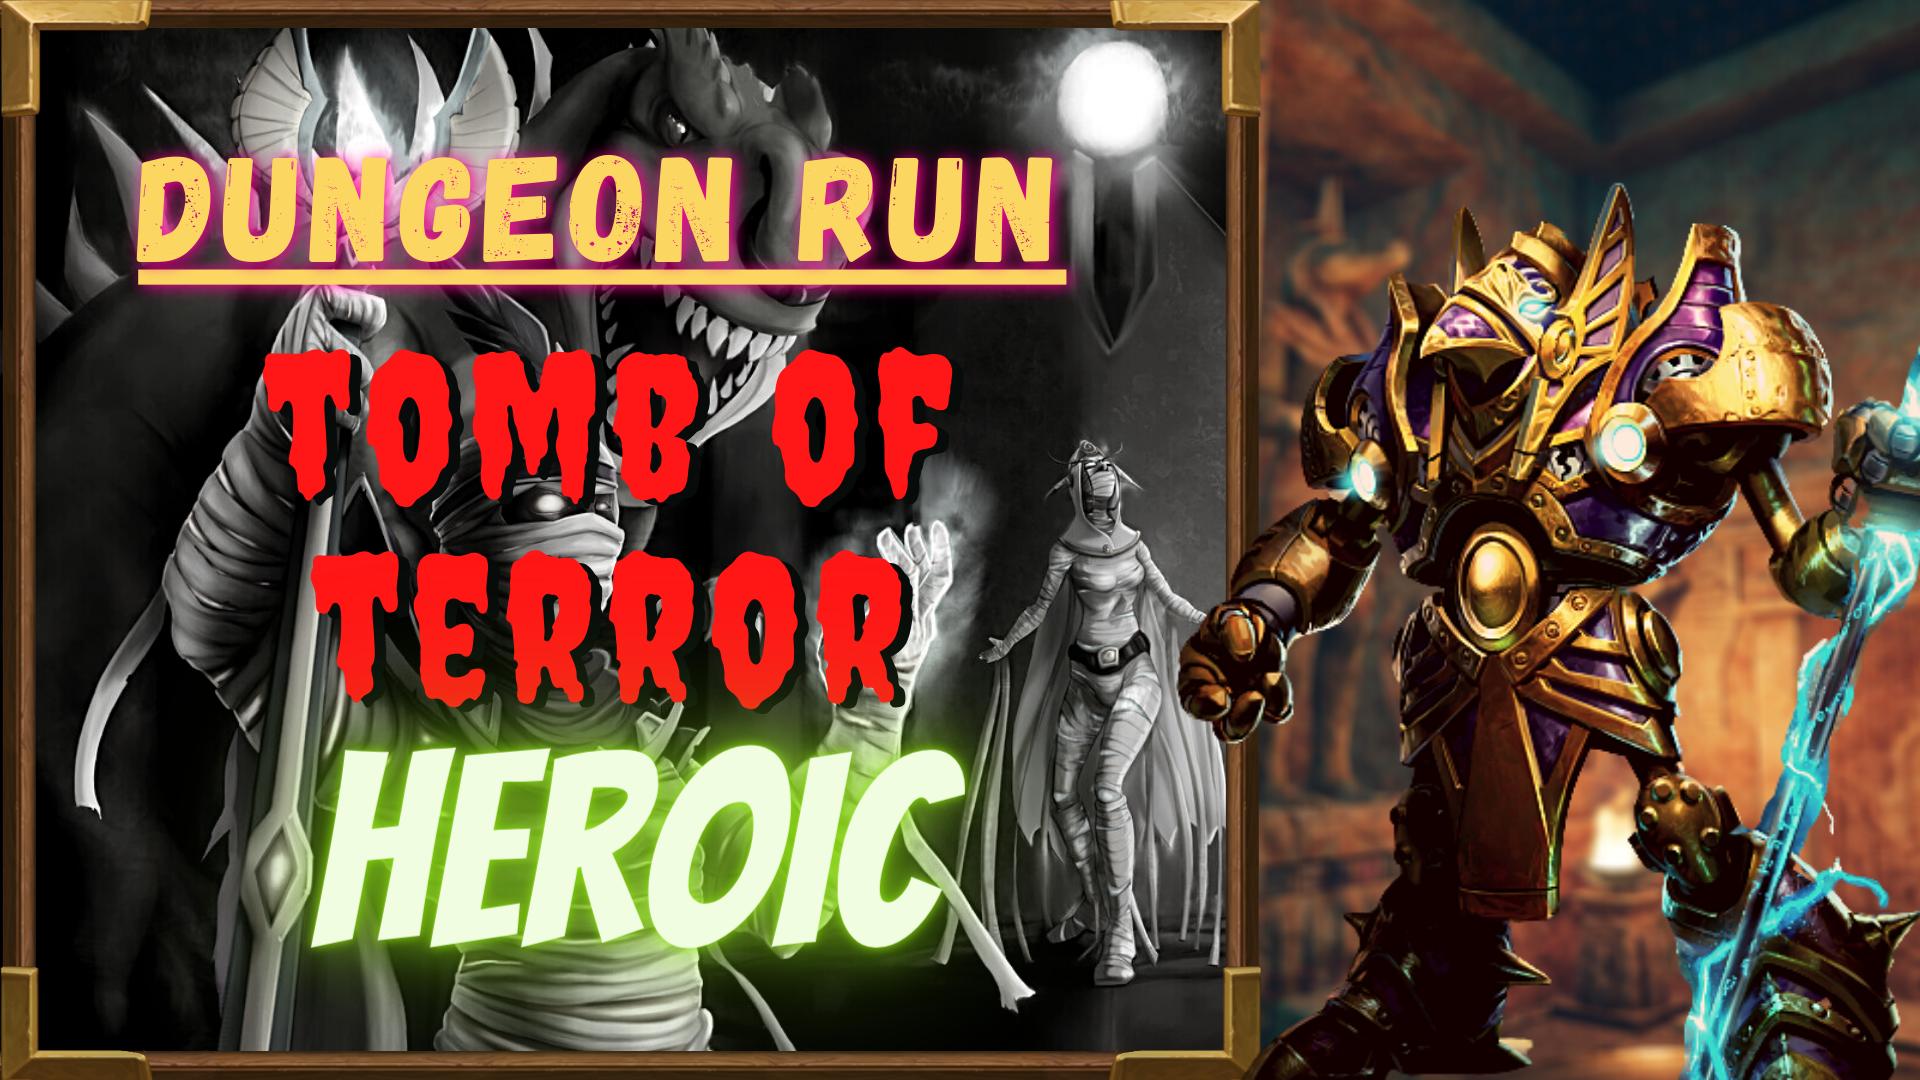 DUNGEON RUN: TOMB OF TERROR - HEROIC Zafari - e2p.com